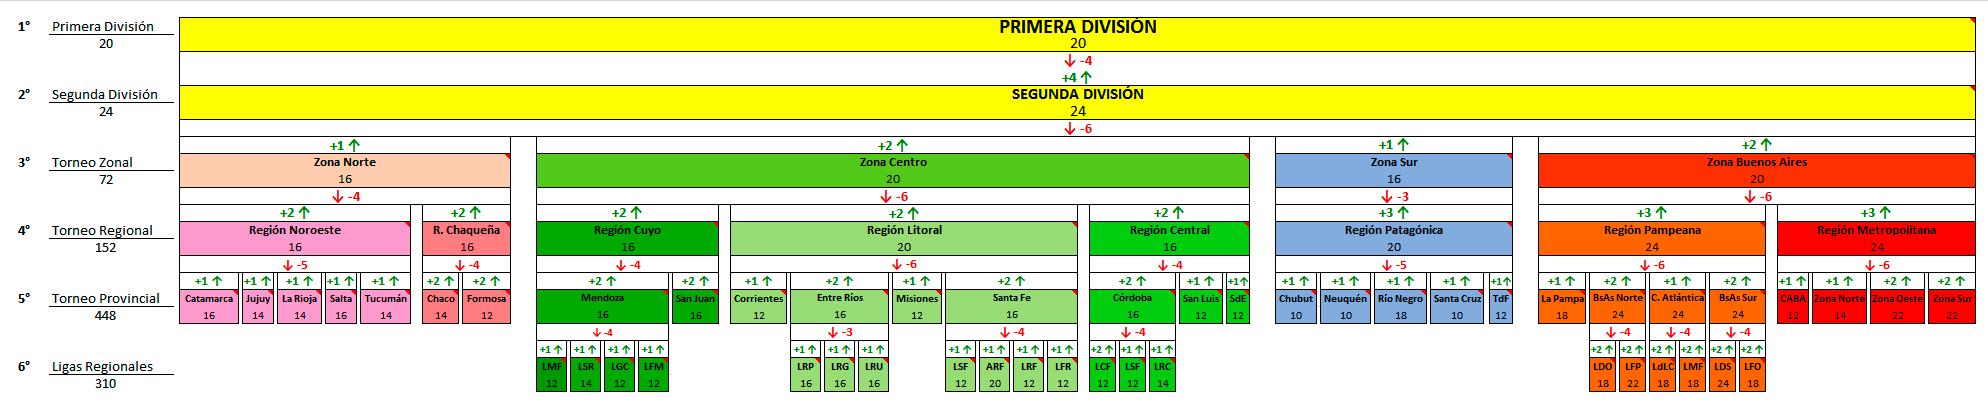 Estructura-con-ascenso-y-descensos.png.f